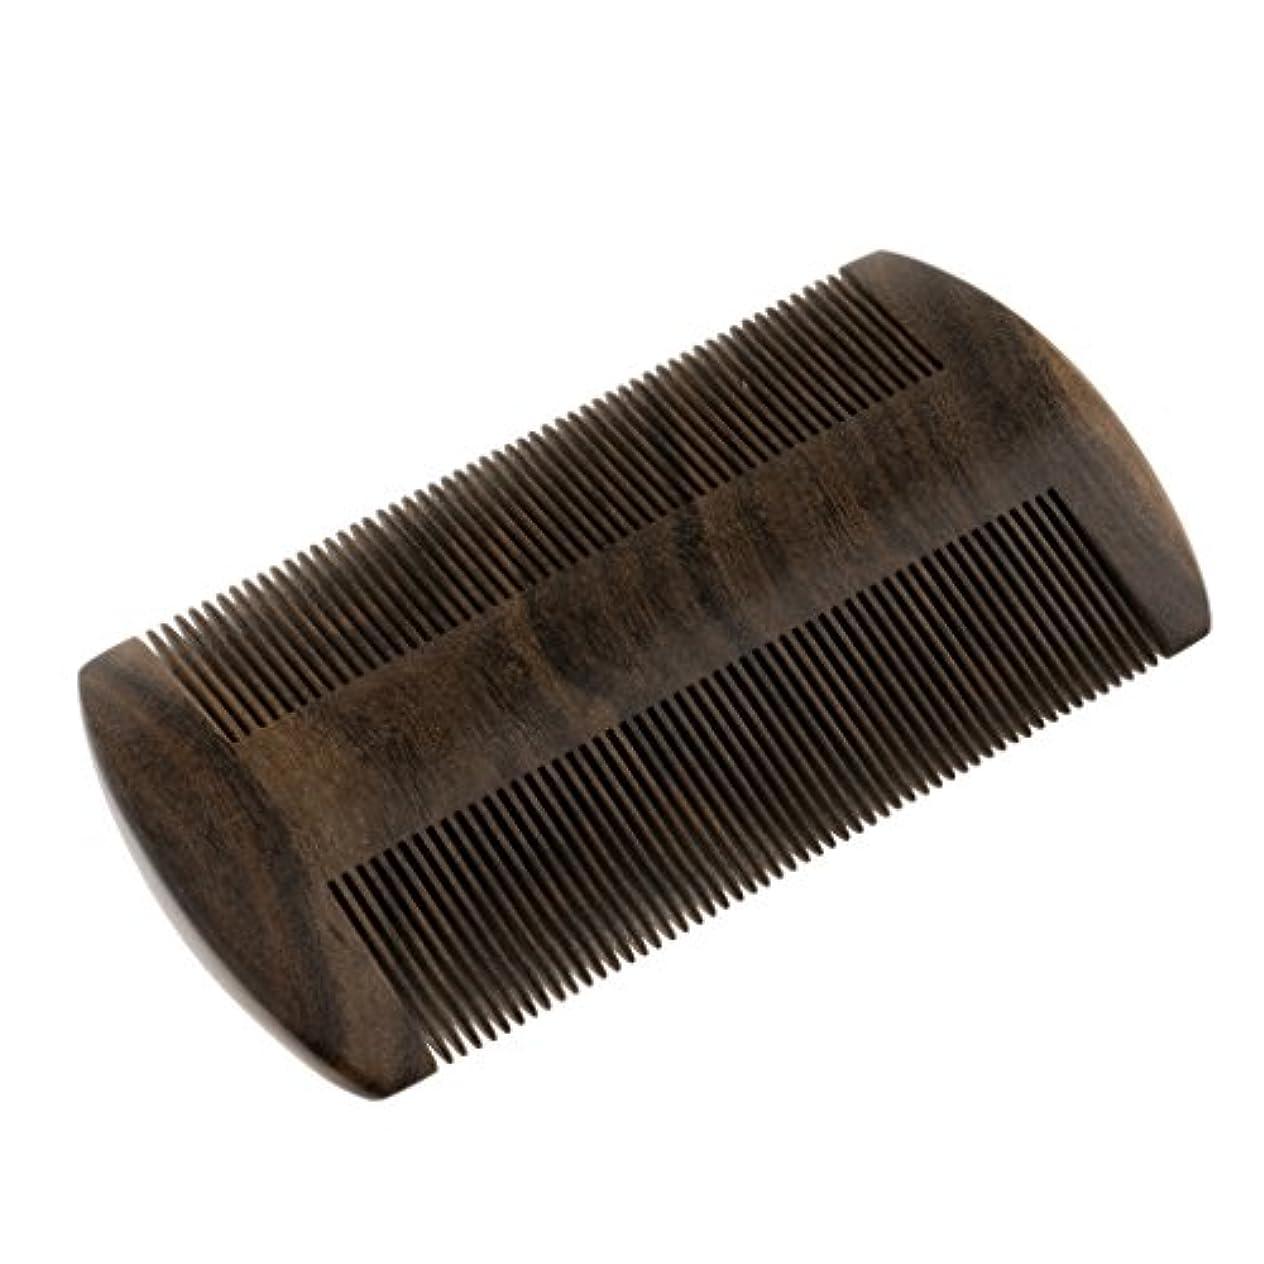 仕事スラッシュ男らしさCUTICATE ヘアブラシ 静電気防止髭剃り櫛 ウッドコーム ミシュコーム 静電気防止